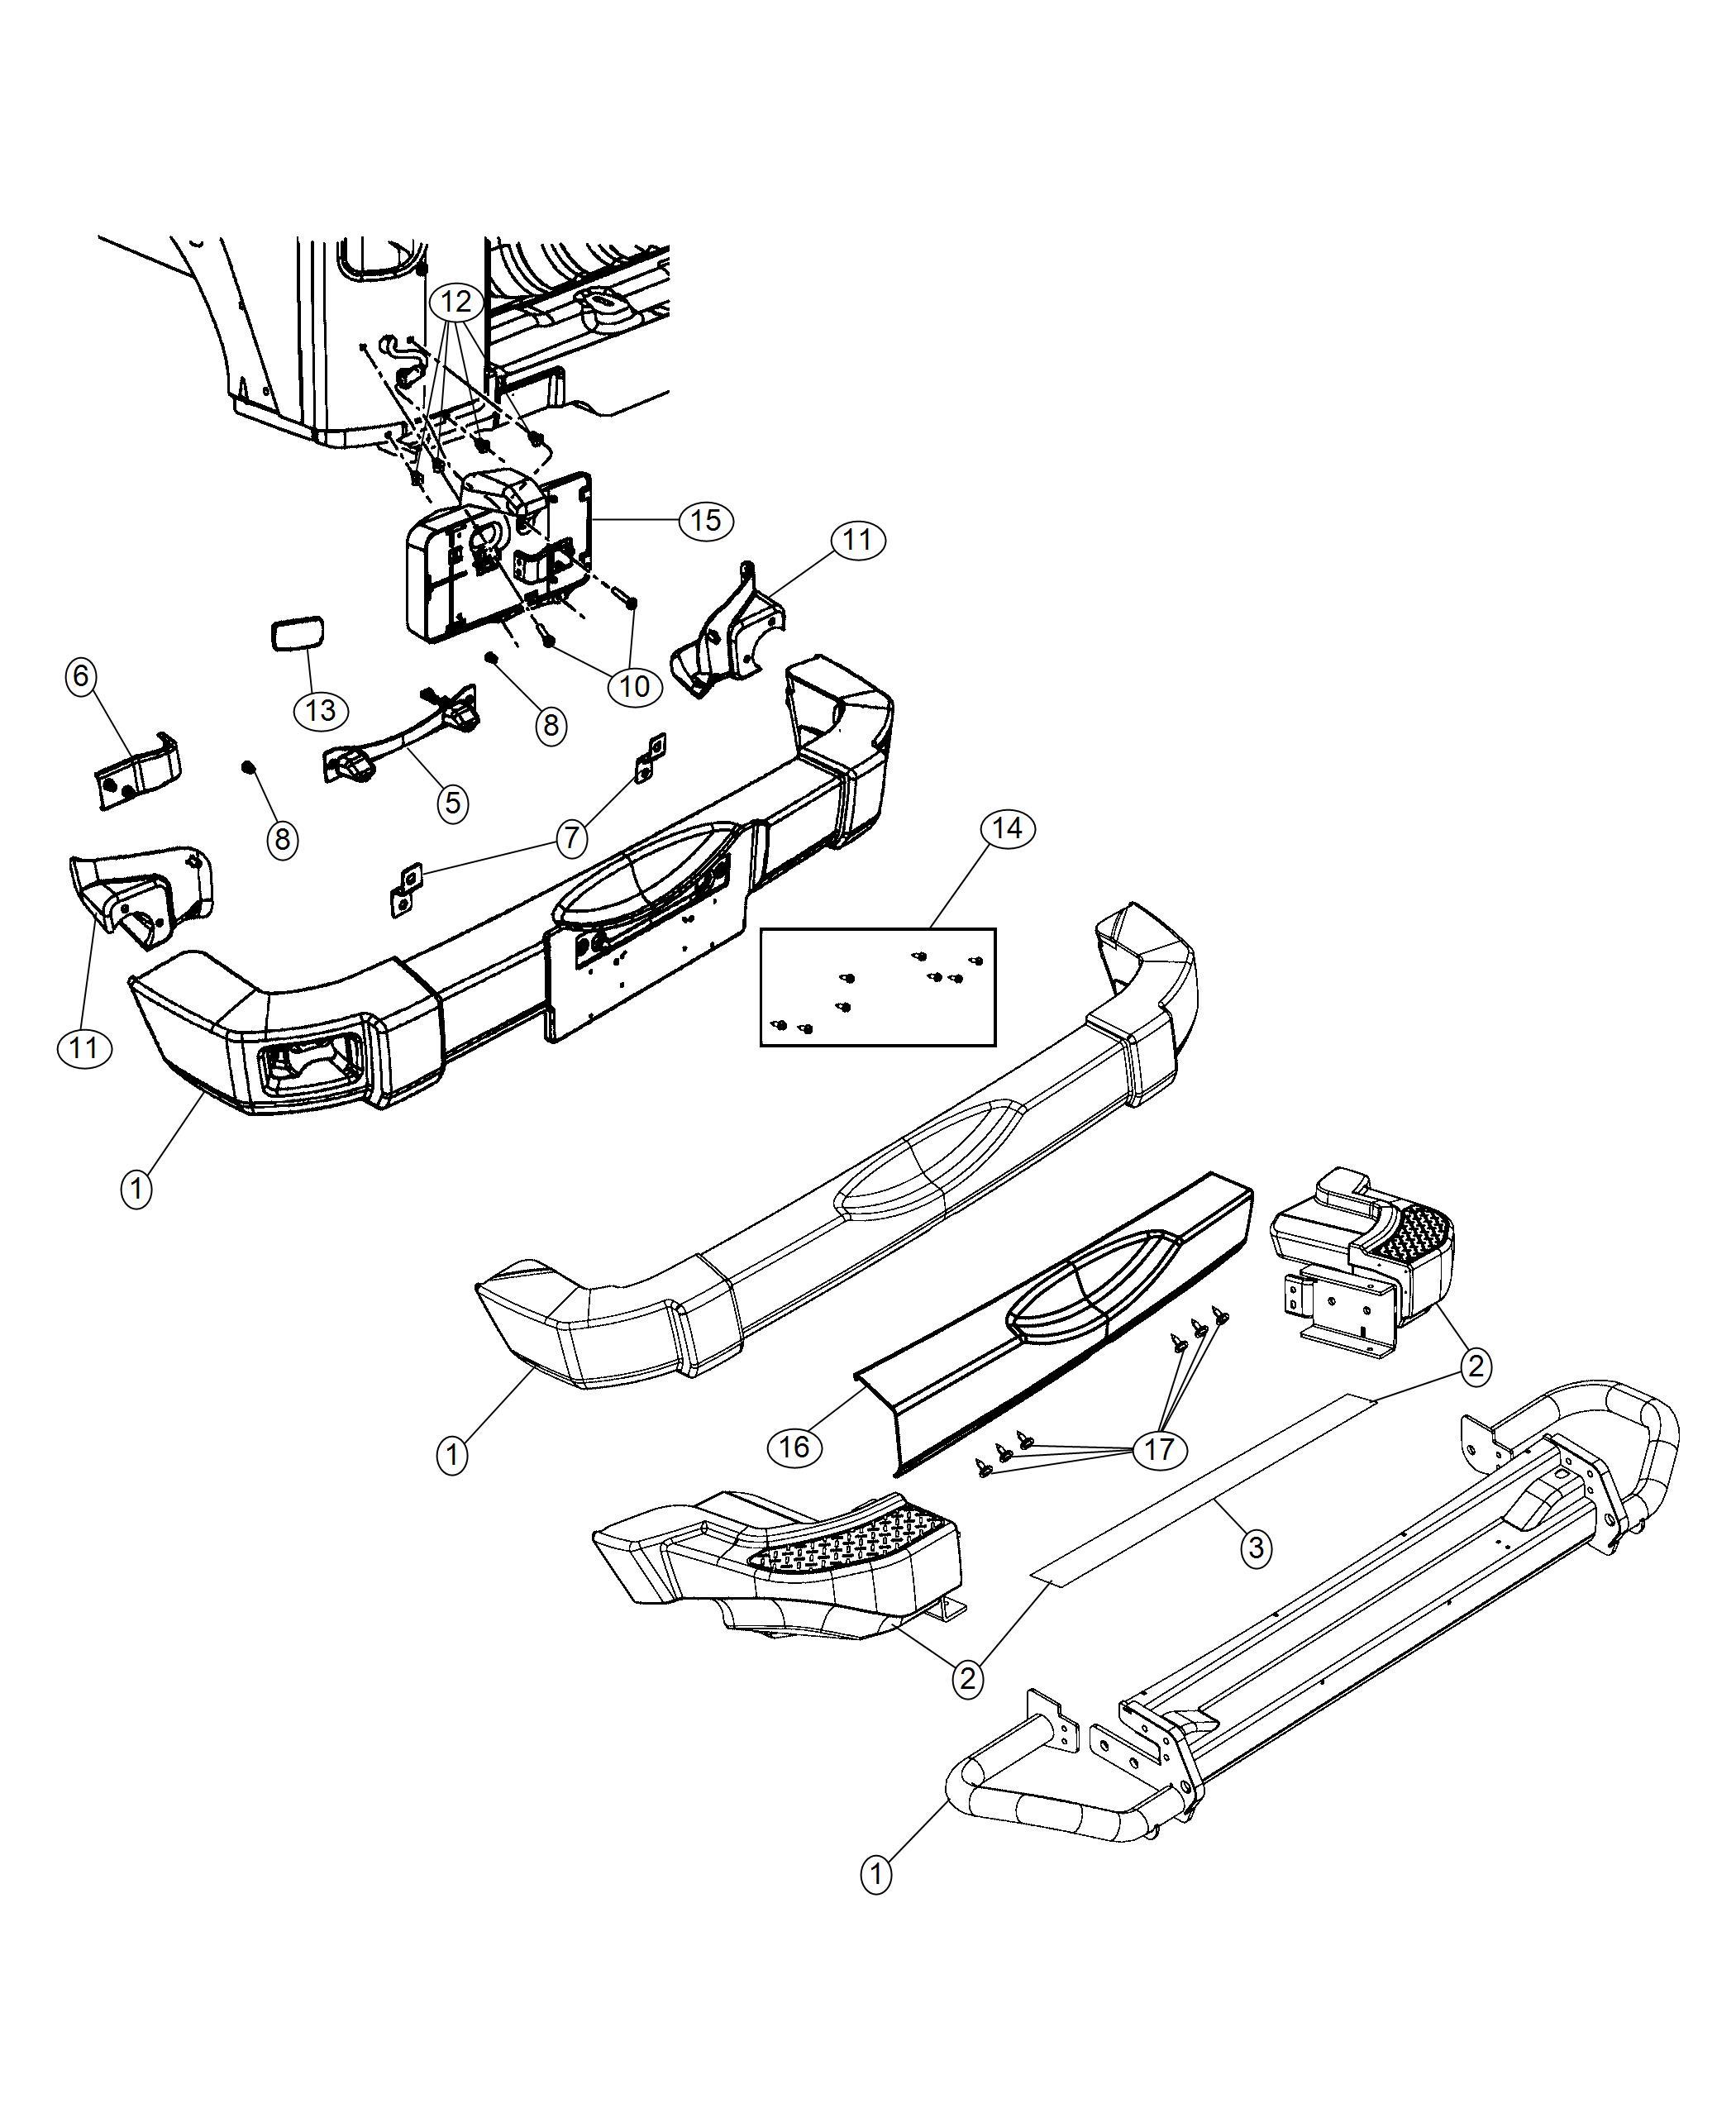 Jeep Wrangler Fastener kit. Rear bumper. [mopar hd rear